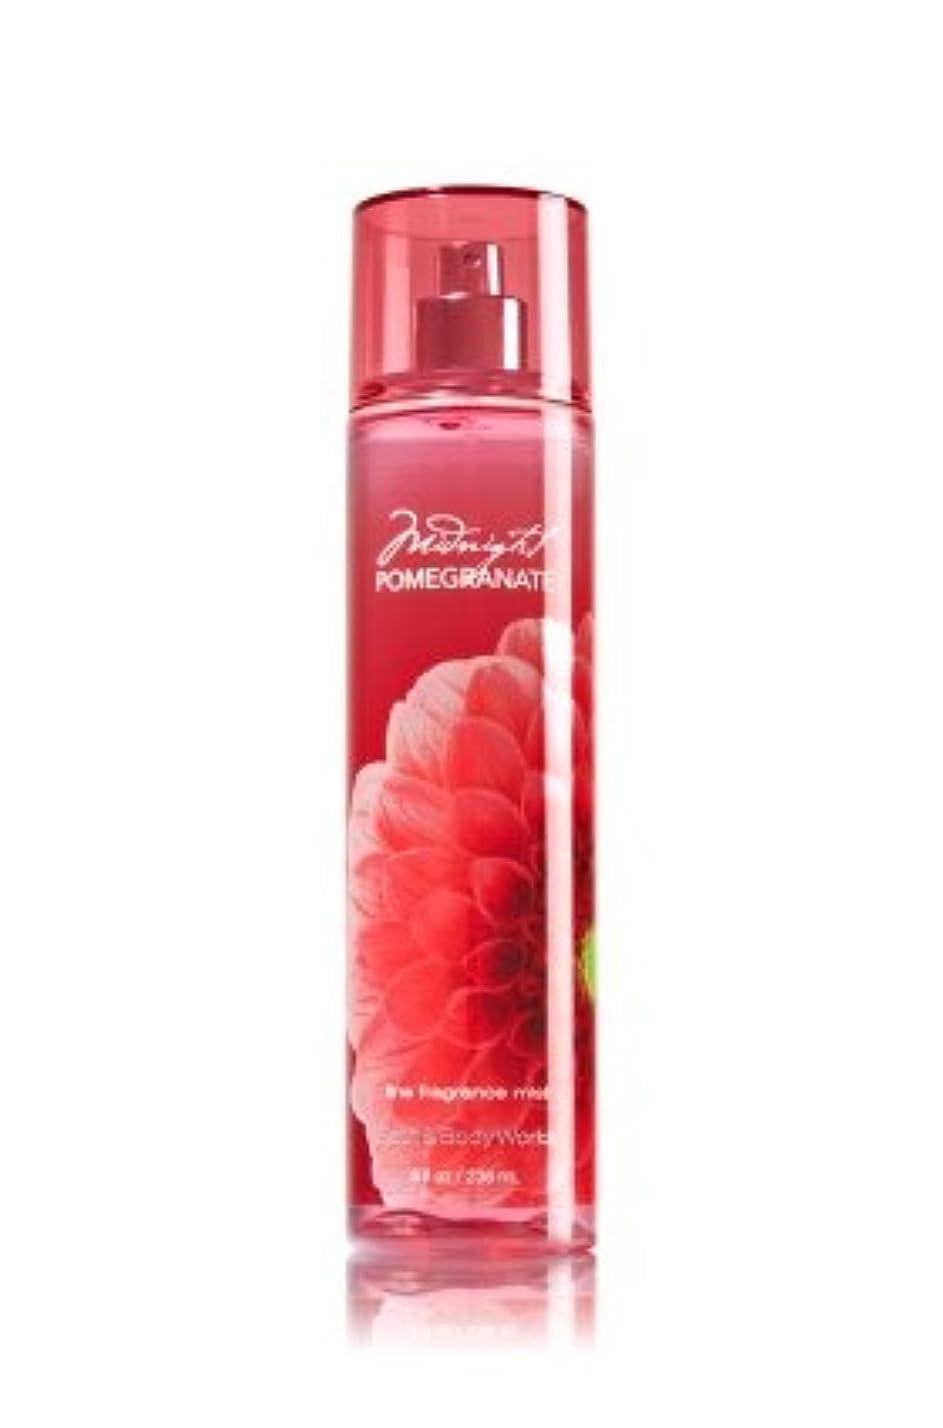 解明する祈り特権的【Bath&Body Works/バス&ボディワークス】 ファインフレグランスミスト ミッドナイトポメグラネート Fine Fragrance Mist Midnight Pomegranate 8oz (236ml)...